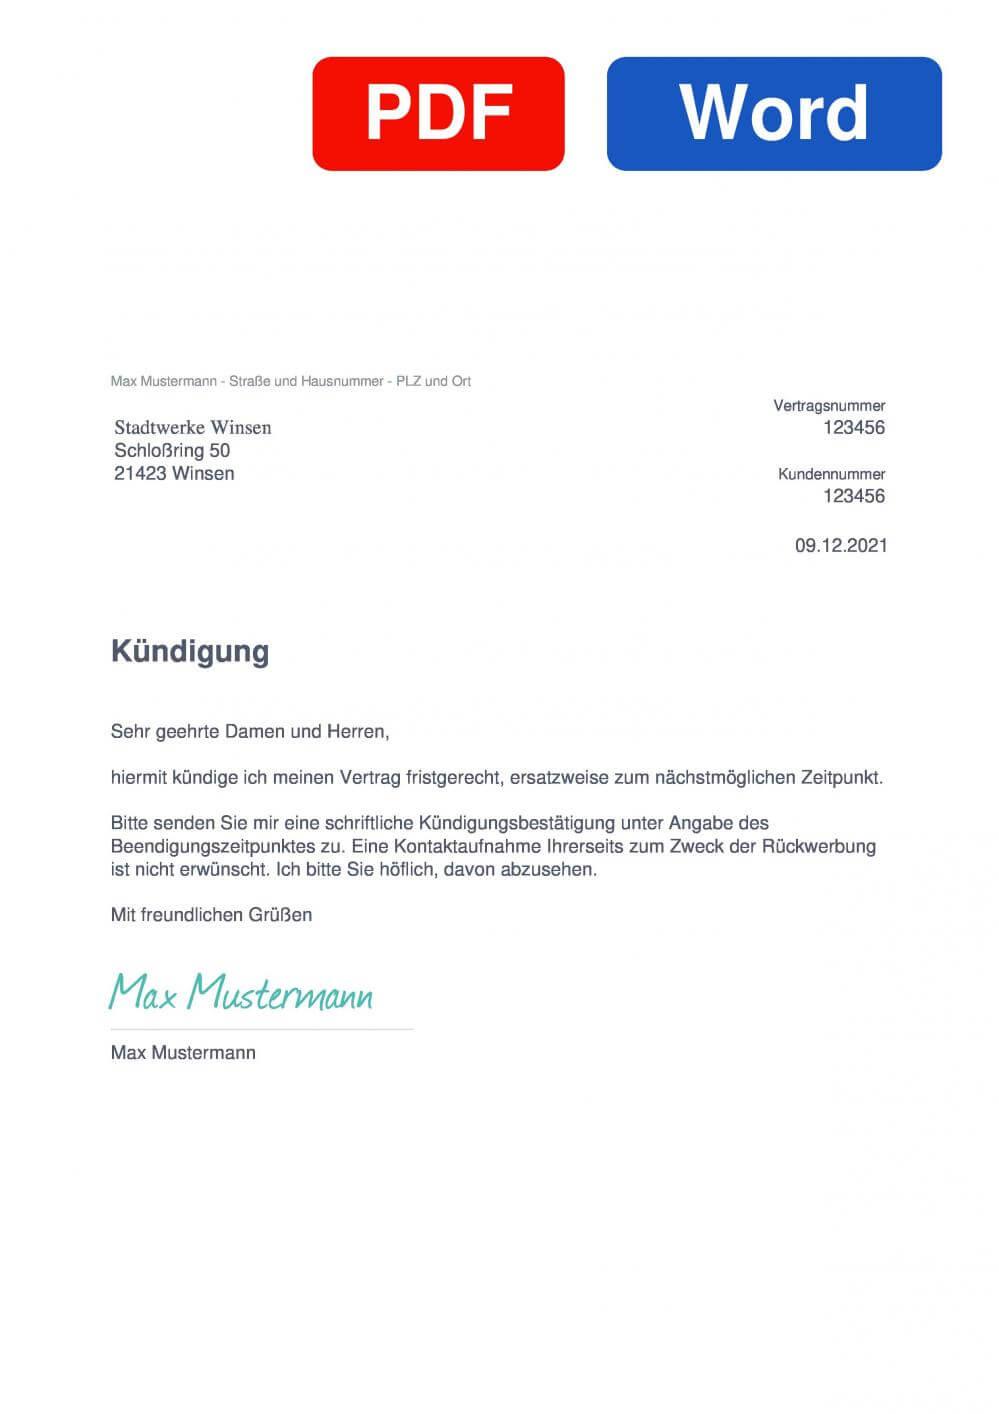 Stadtwerke Winsen Muster Vorlage für Kündigungsschreiben